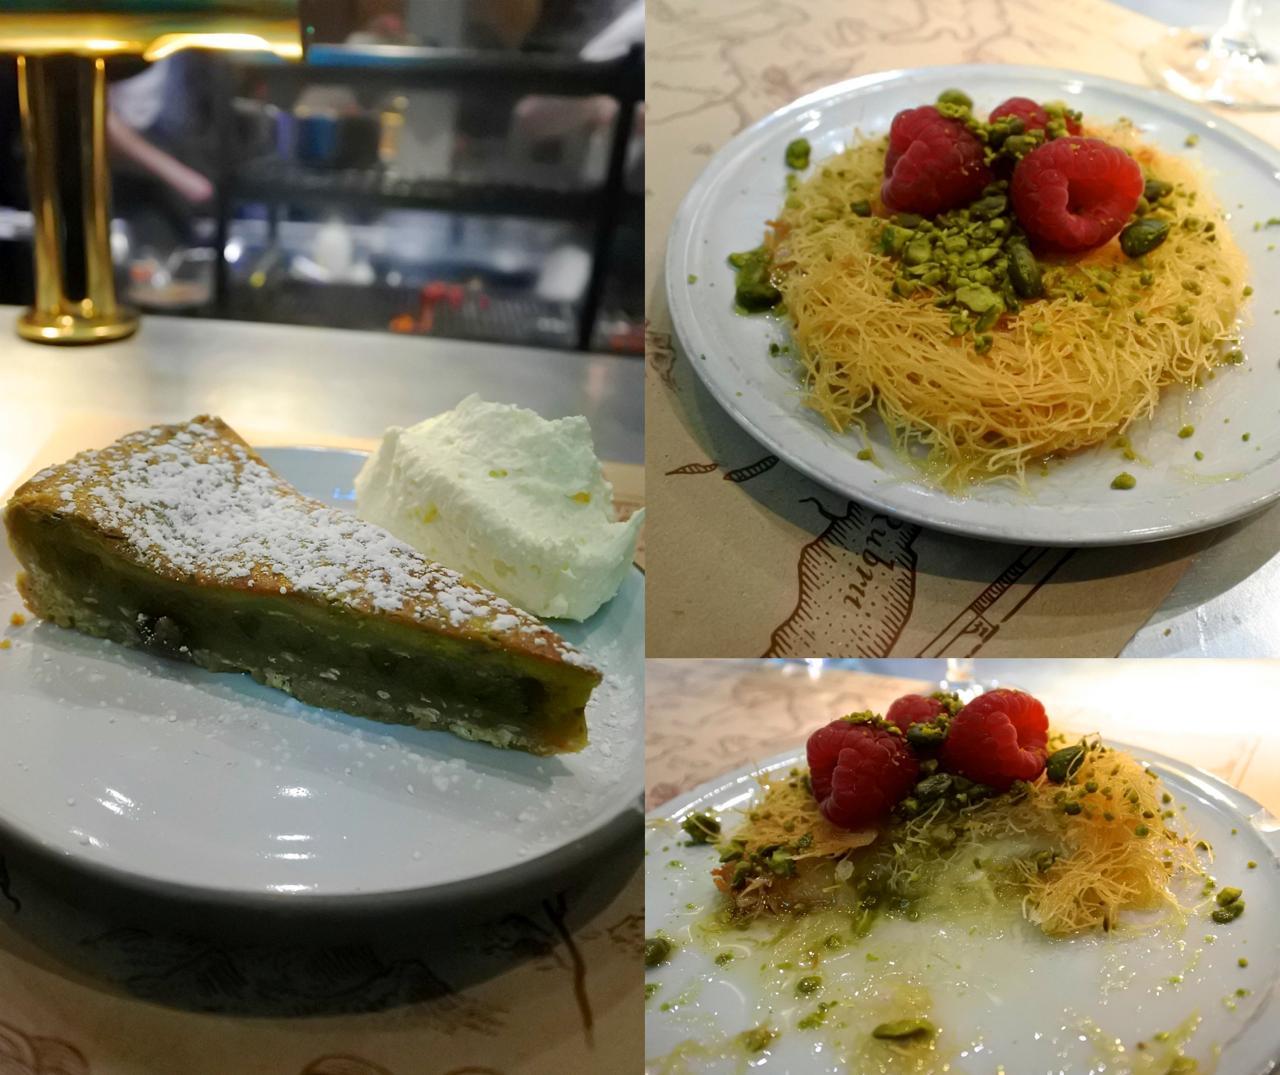 トルコでよく見かけるデザートのキュネフェも、バーバリーの手にかかると洗練されたデザートに。左がピスタチオ入りのケーキ hachcake。これまで食べたことない美味しさ。どちらかというと、和菓子あんこ系のお味がしたんですが・・・